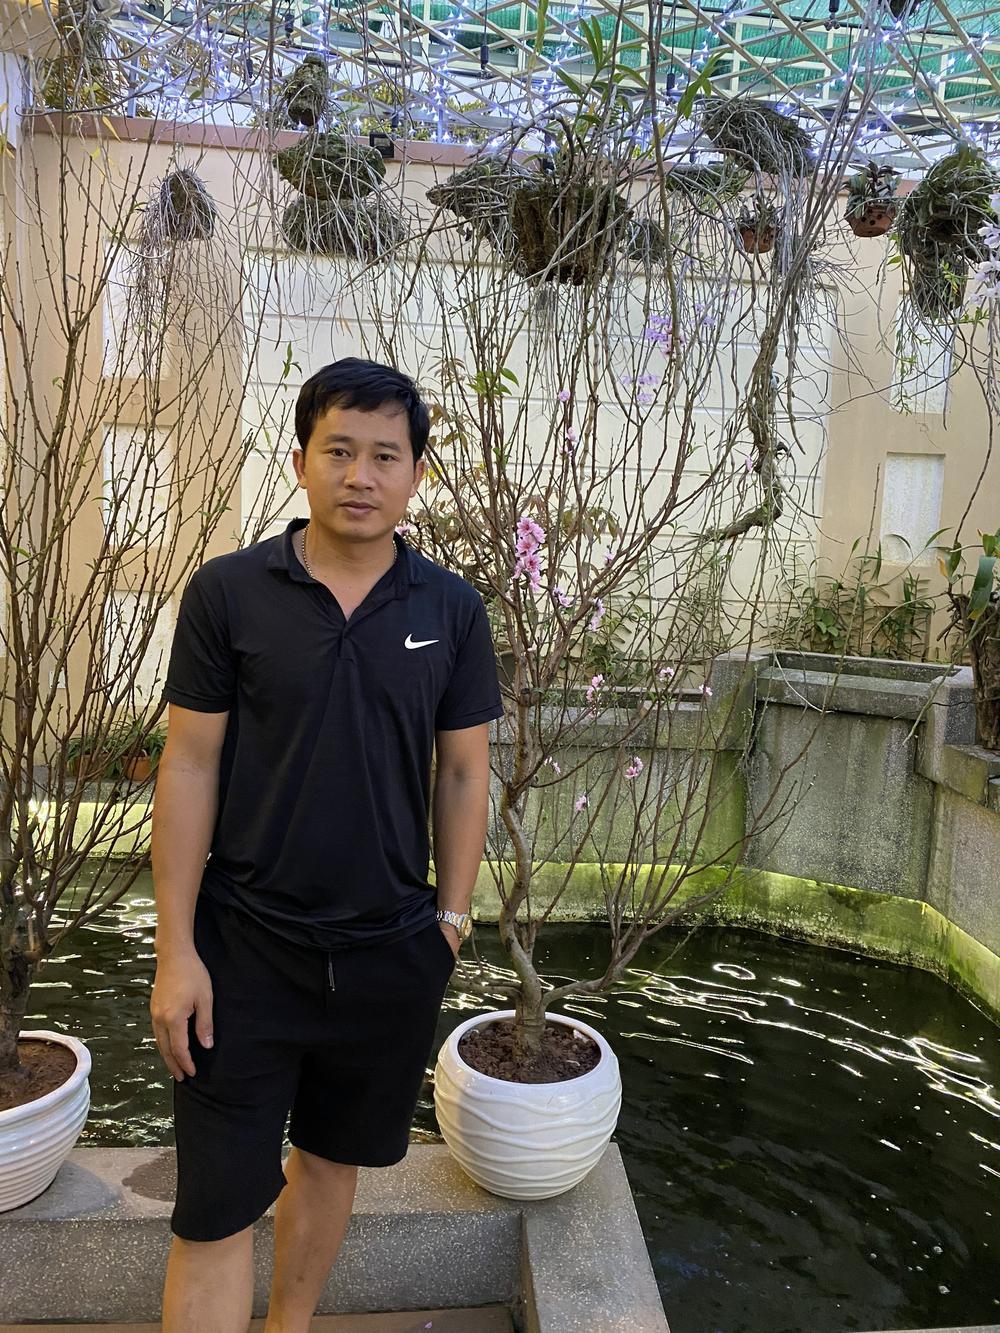 Thầy giáo Phạm Thăng Bằng sở hữu vườn lan giá trị với hơn 10.000 chậu Ảnh 7